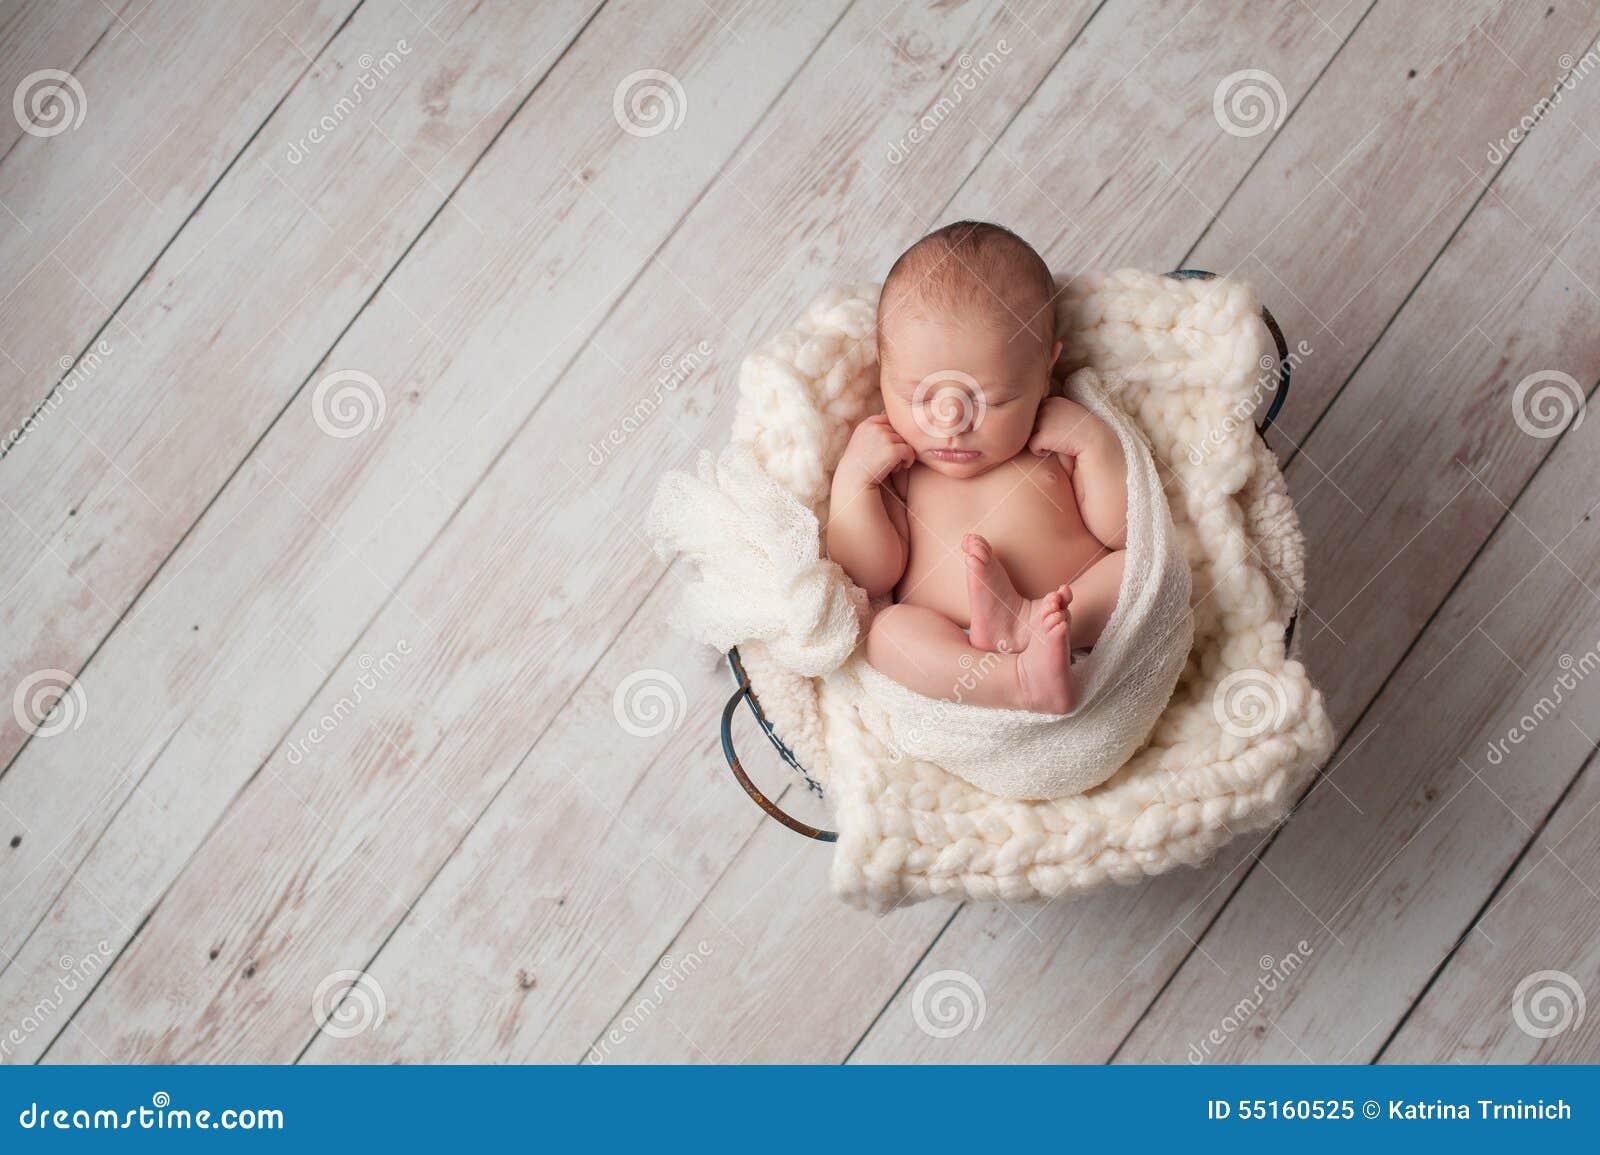 c086f4af6ef Baby Basket Stock Images - Download 28